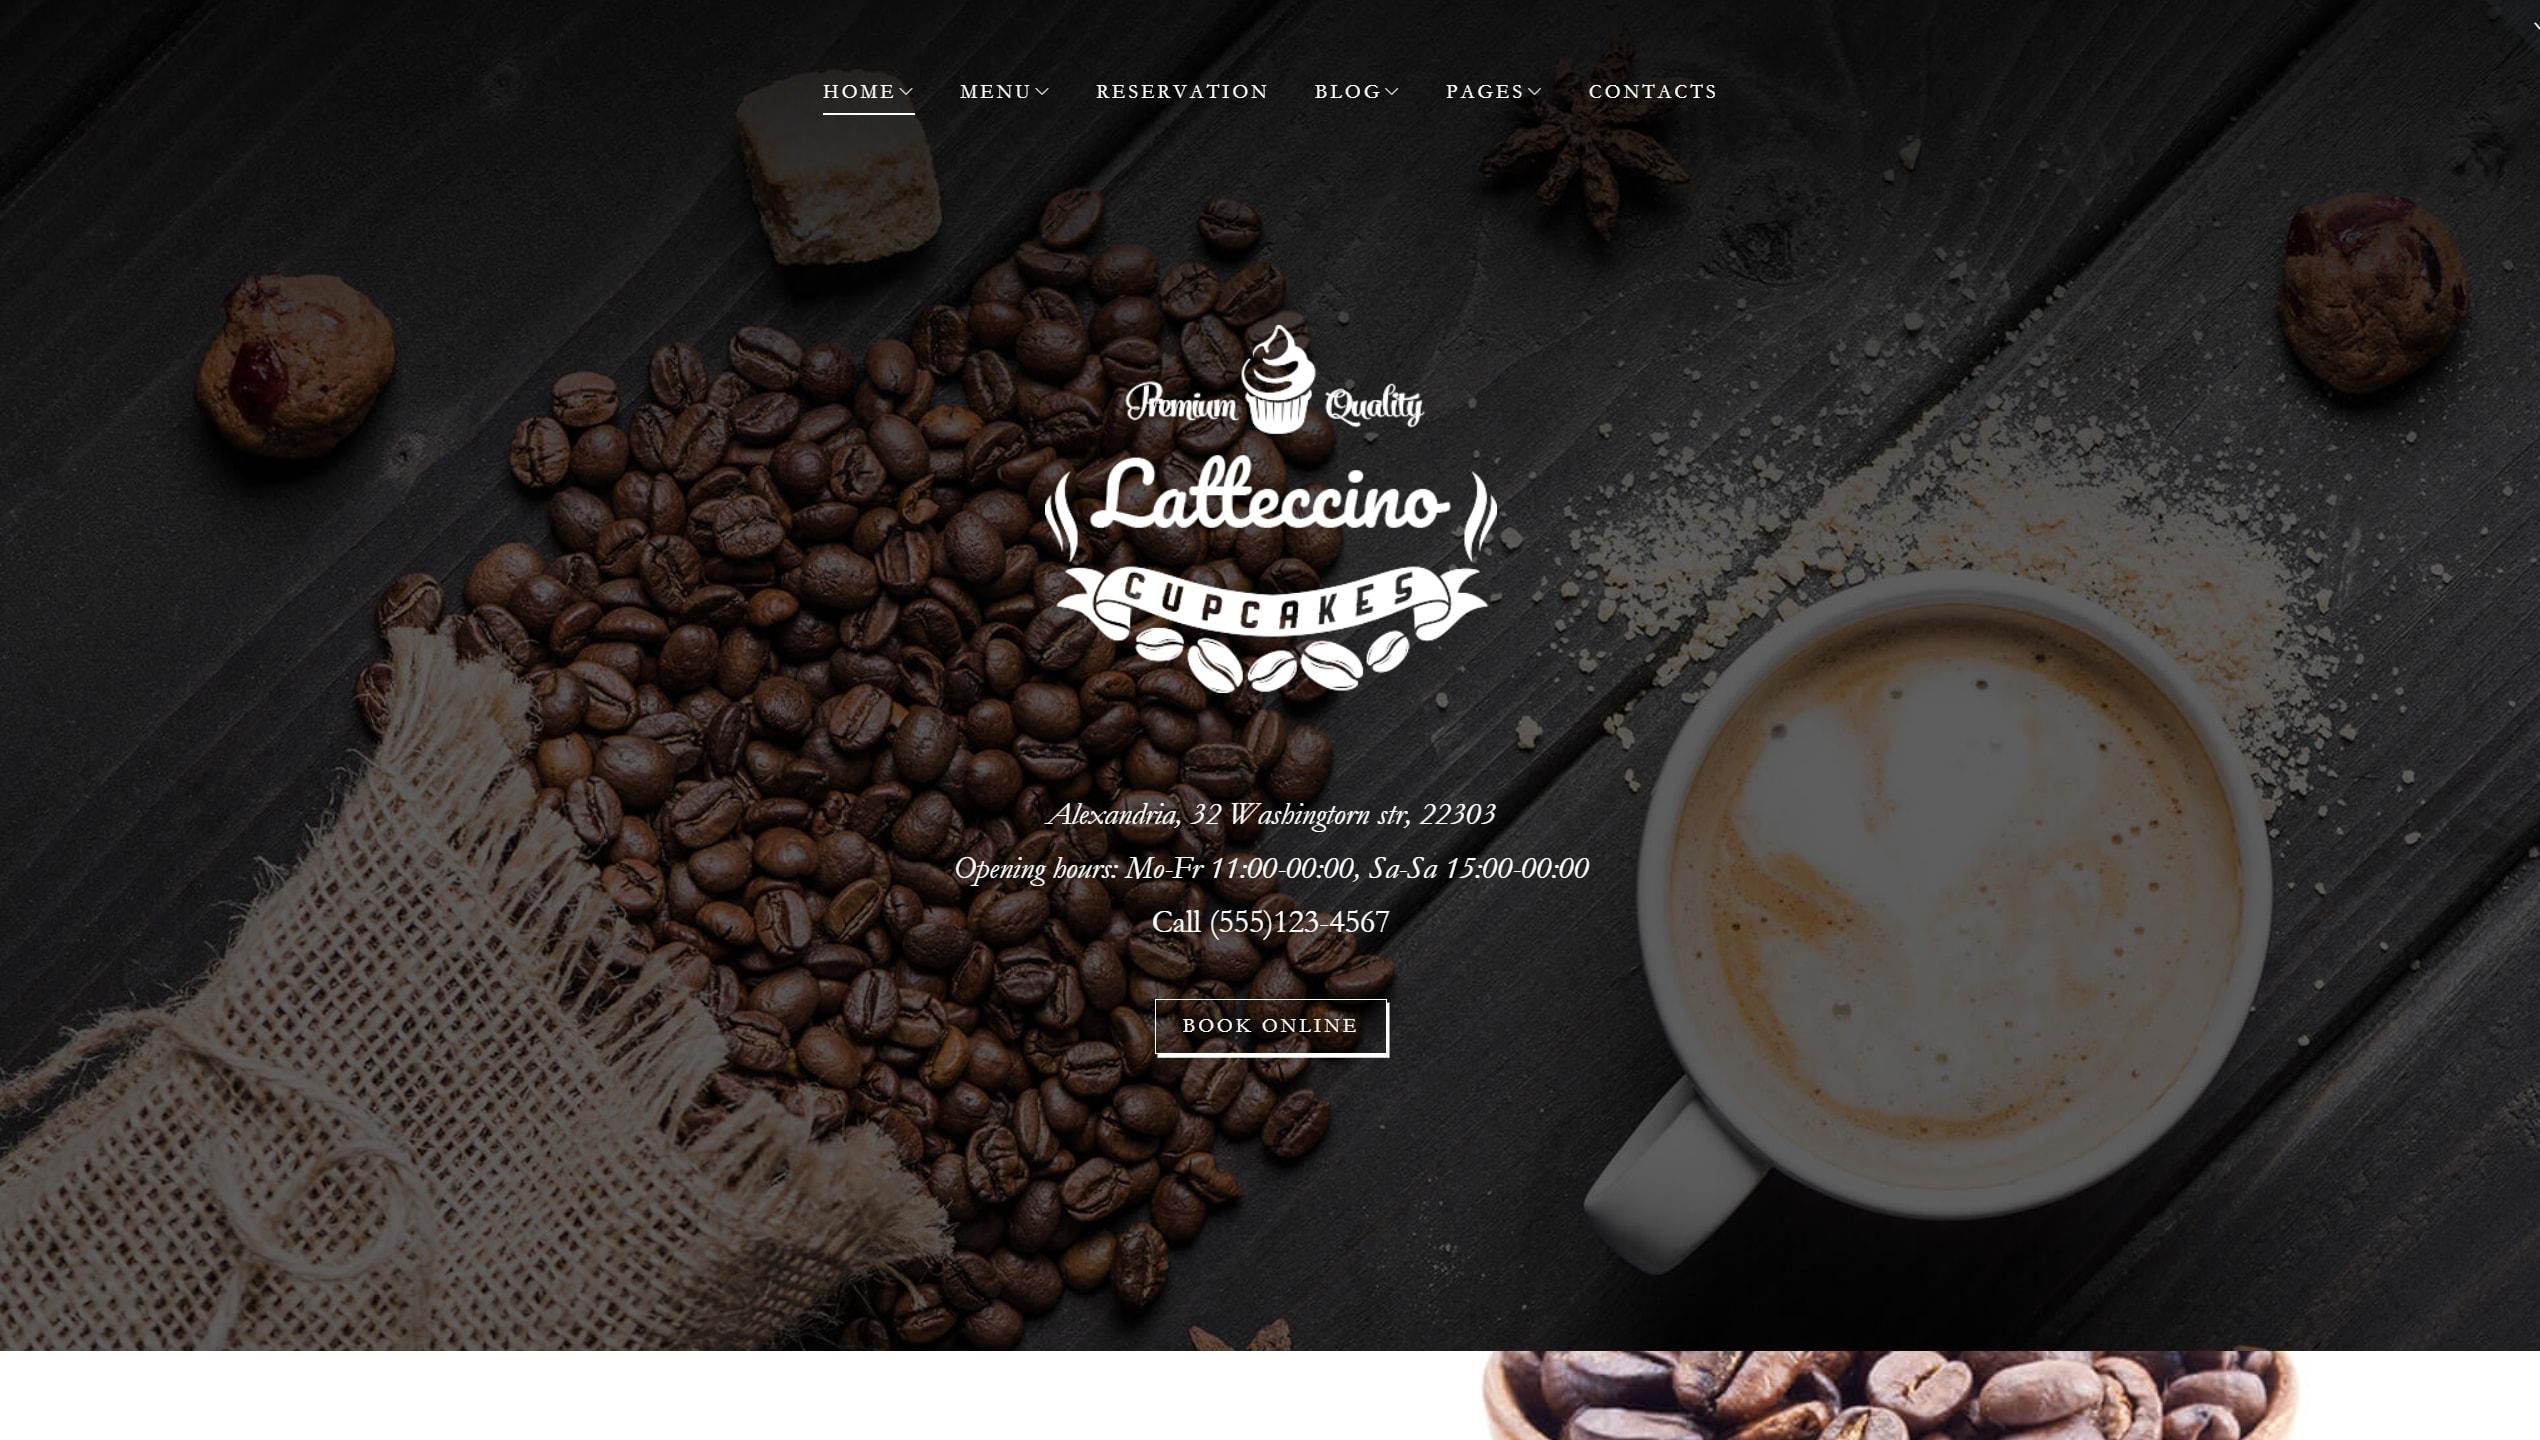 WordPress сайты для кондитерской или кофейни с красивым меню